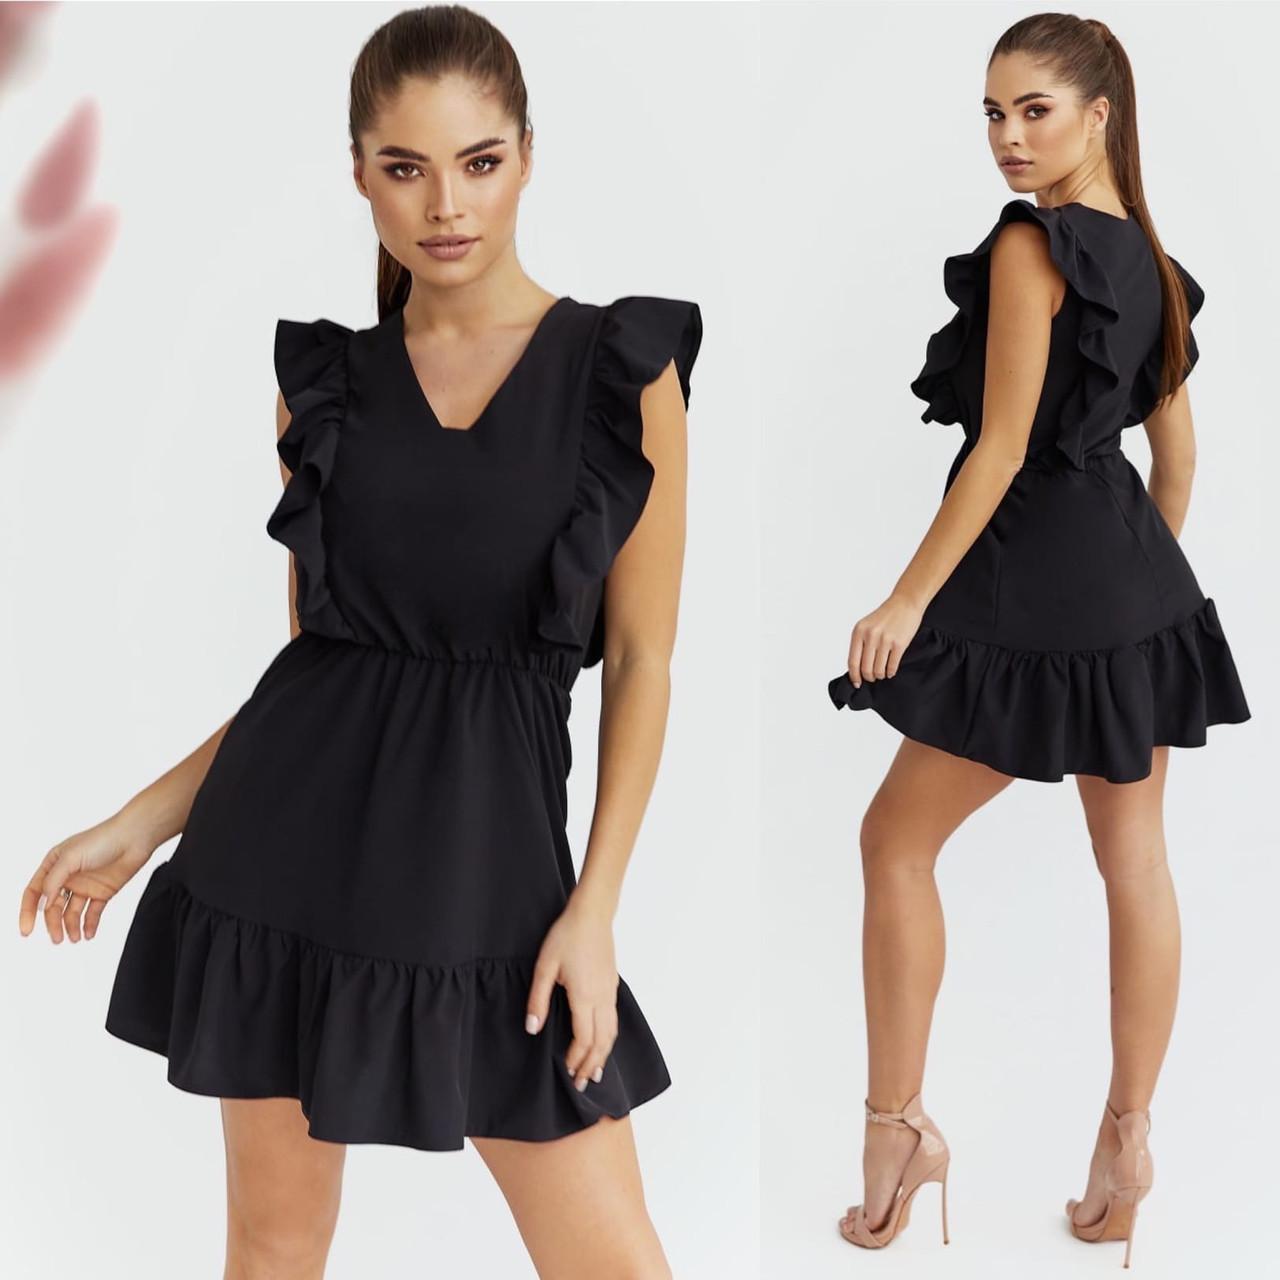 """Літнє жіноче плаття до великих розмірів 2033 """"Софт Рюші Минми"""" в кольорах"""